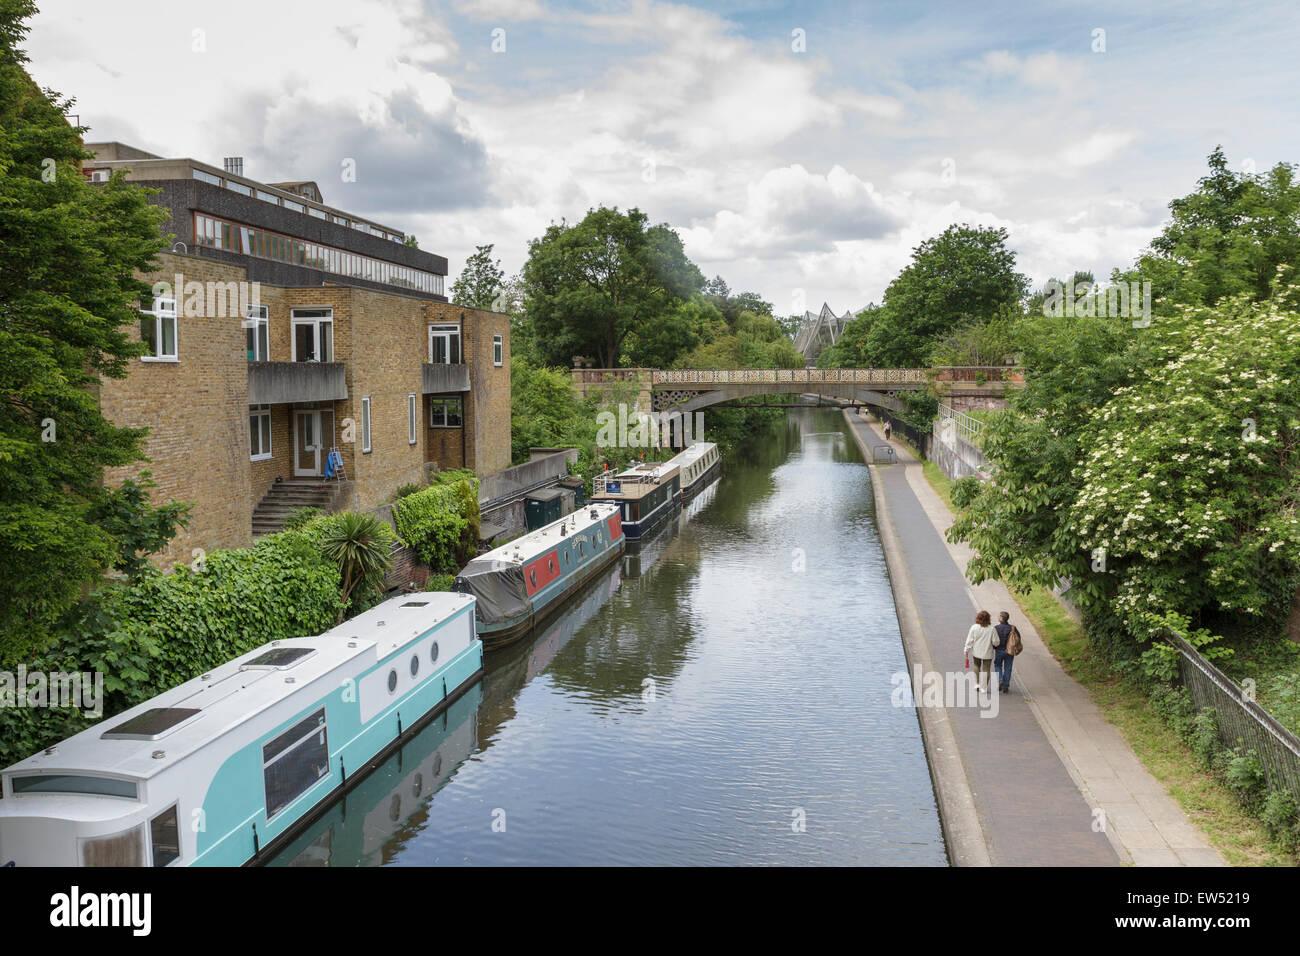 Regents Canal, London, England, UK Stock Photo